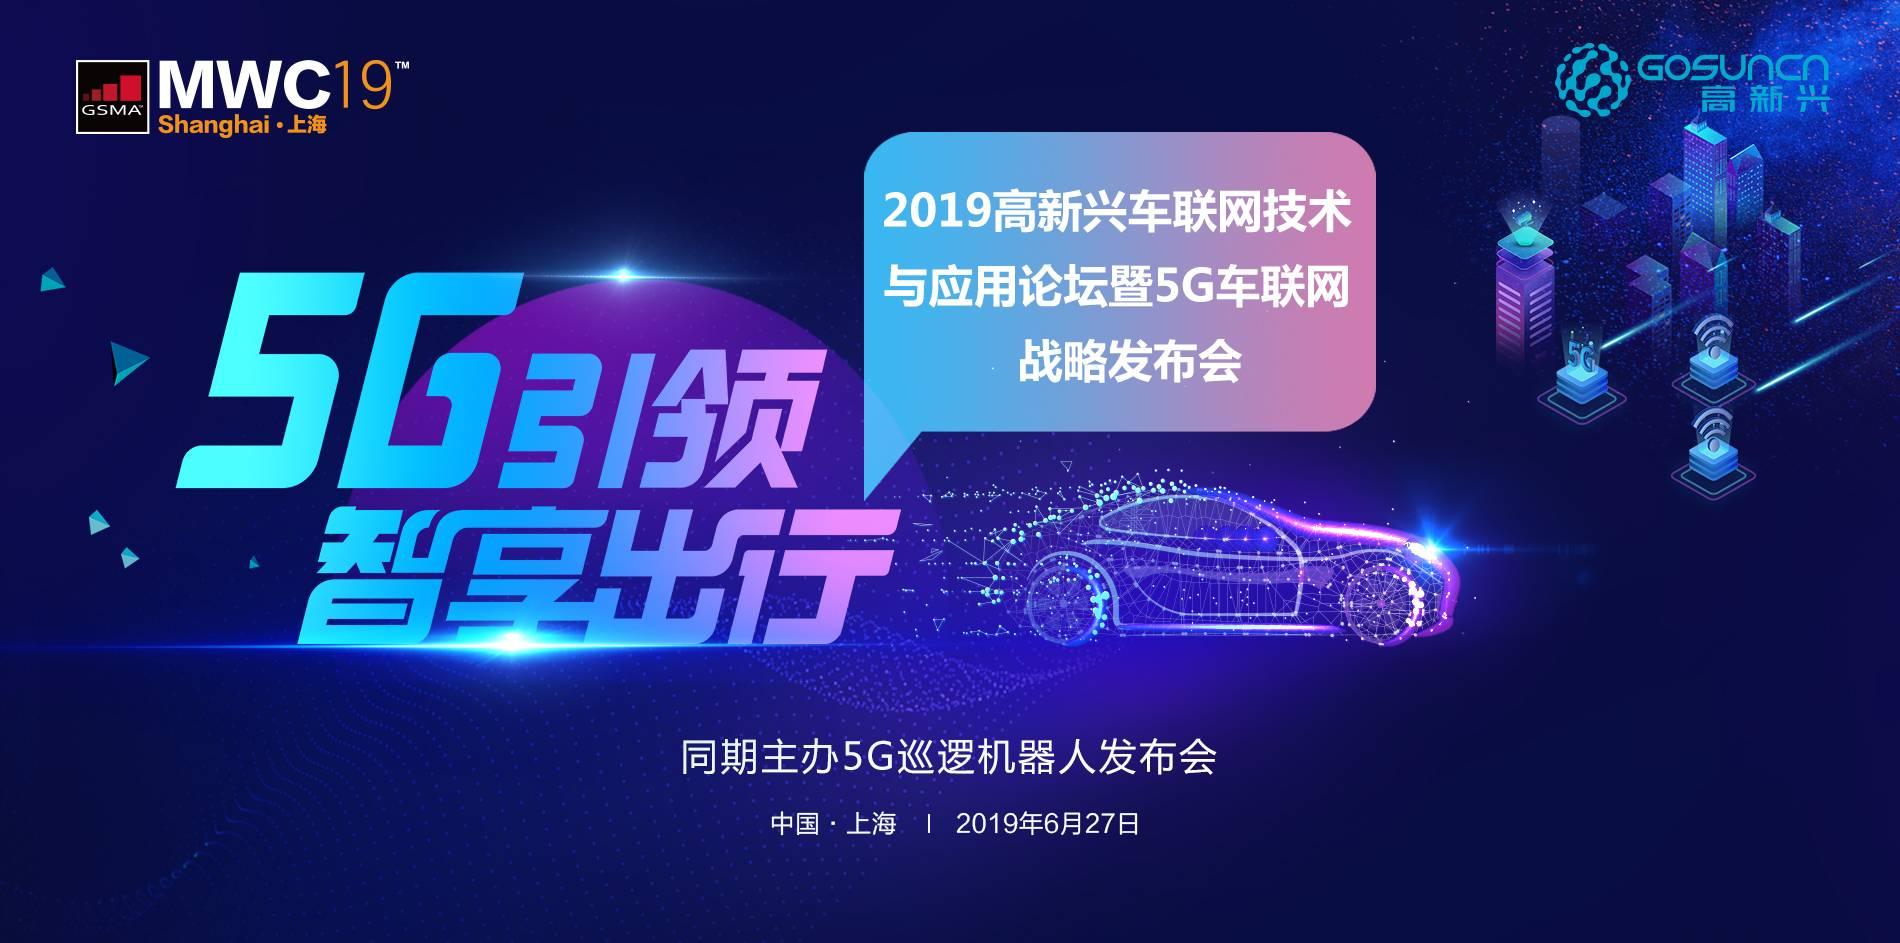 【活動】5G引領,智享出行——2019高新興車聯網技術與應用論壇-億歐